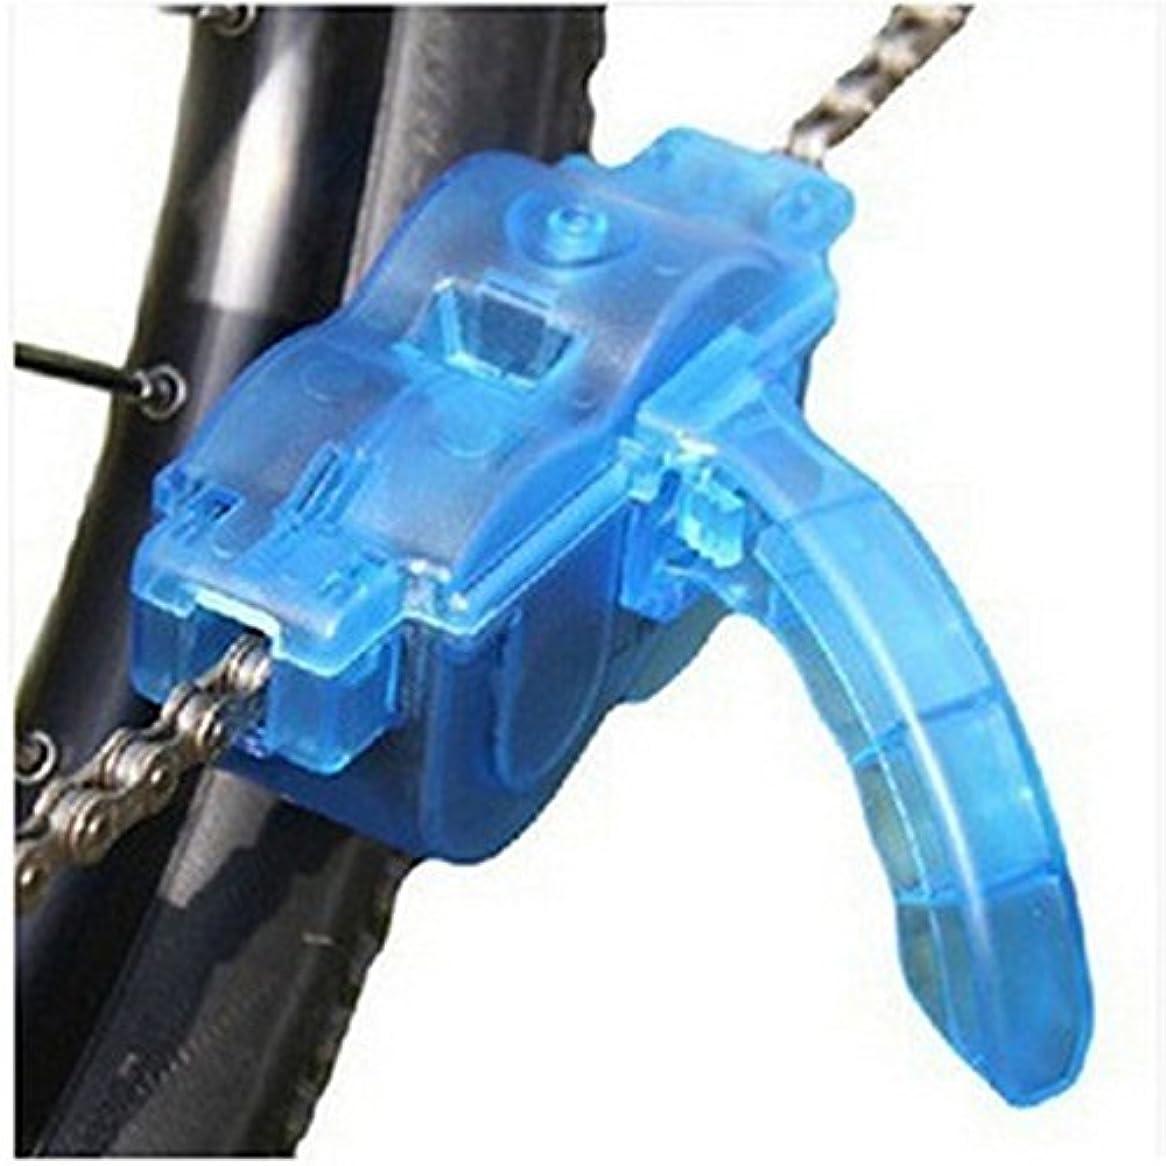 なぜならパースブラックボロウ余暇RaiFu ユニバーサル 自転車チェーンクリーナー チェーン洗浄器具 自転車チェーン洗浄 マウンテンバイクチェン洗浄器 チェンスクラバーツール 回転ブラシ 自転車アクセサリー